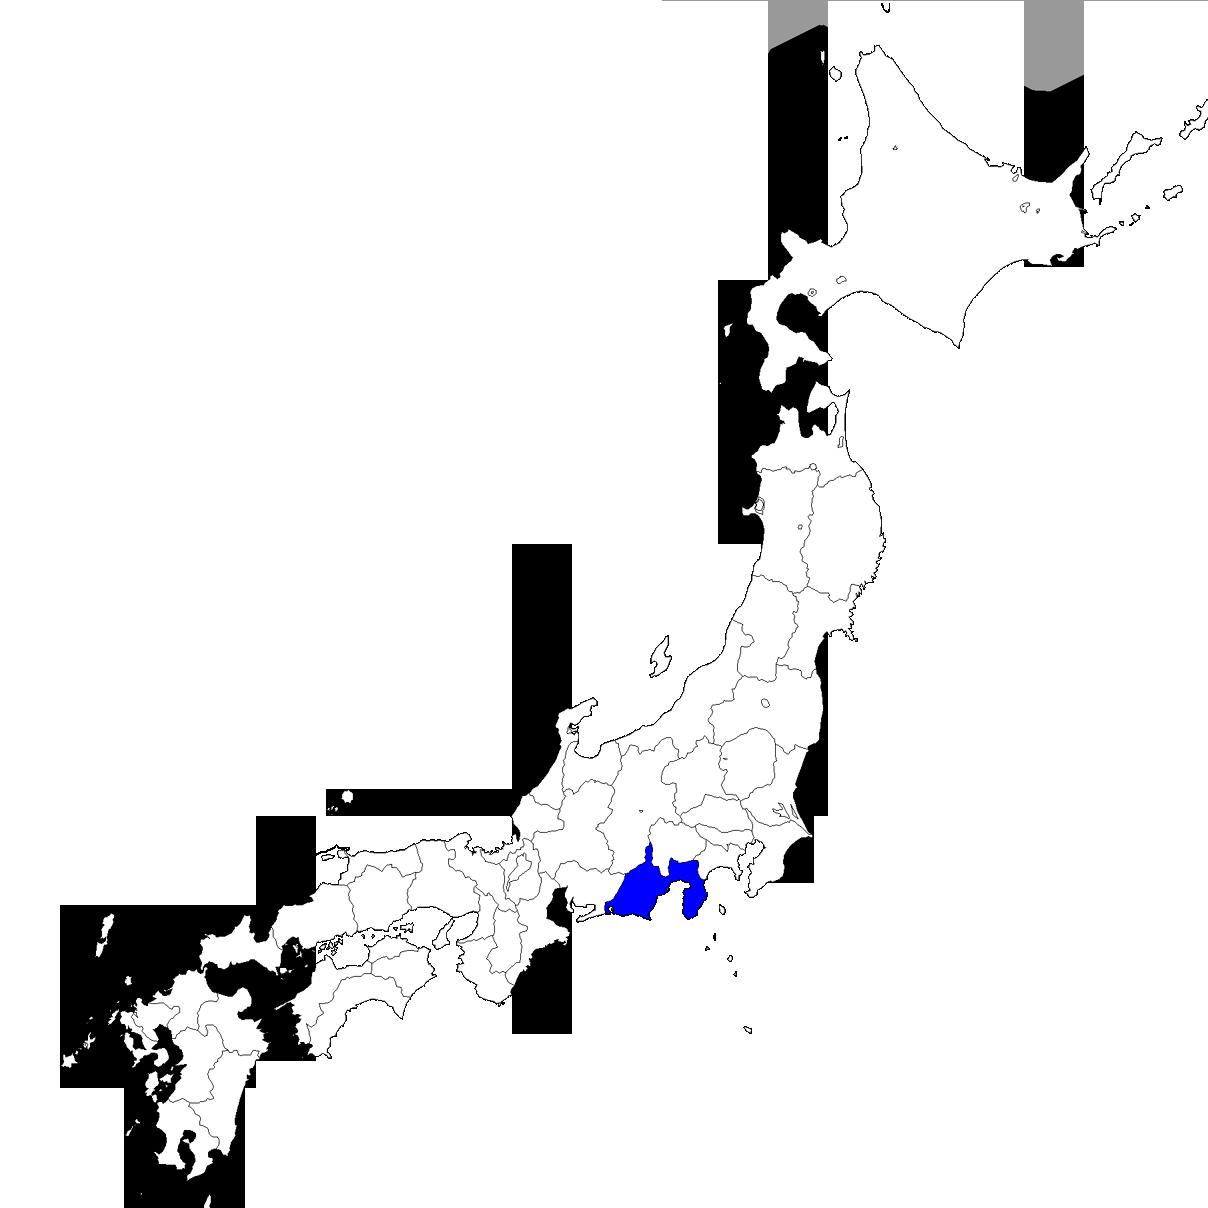 日本 日本 県 : 日本地図イラスト集 - 静岡県 ...